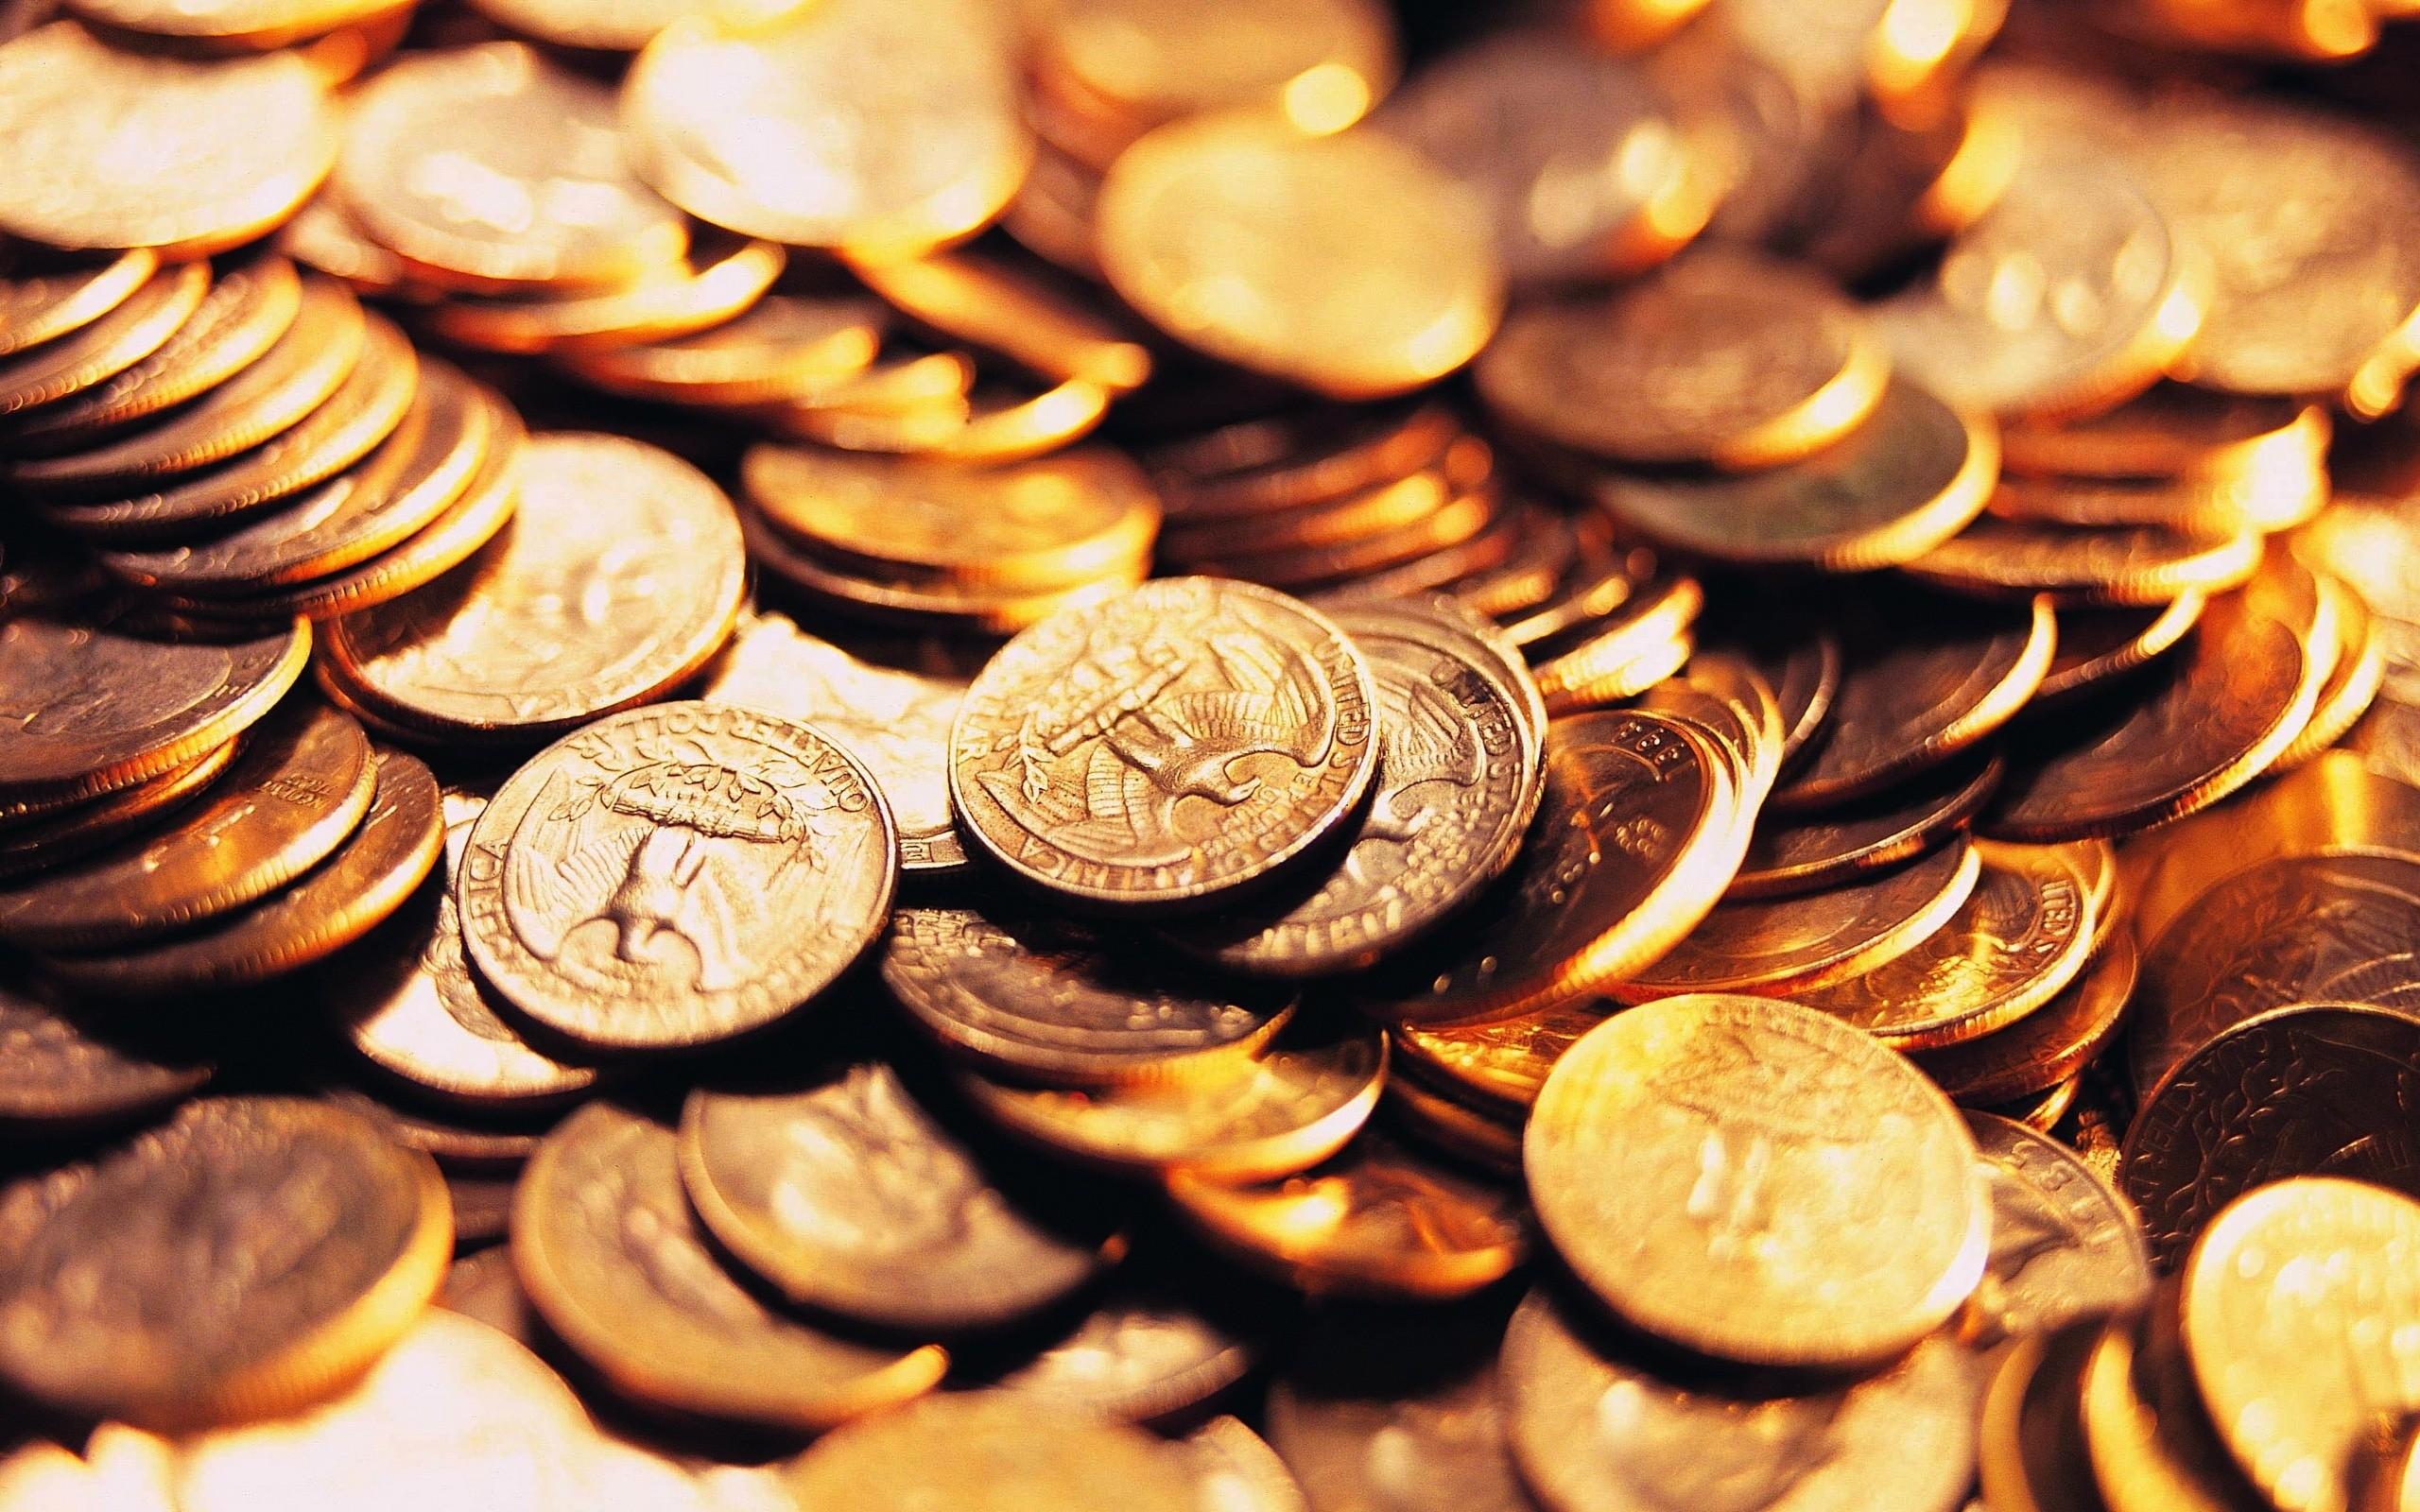 Coin HD Wallpaper